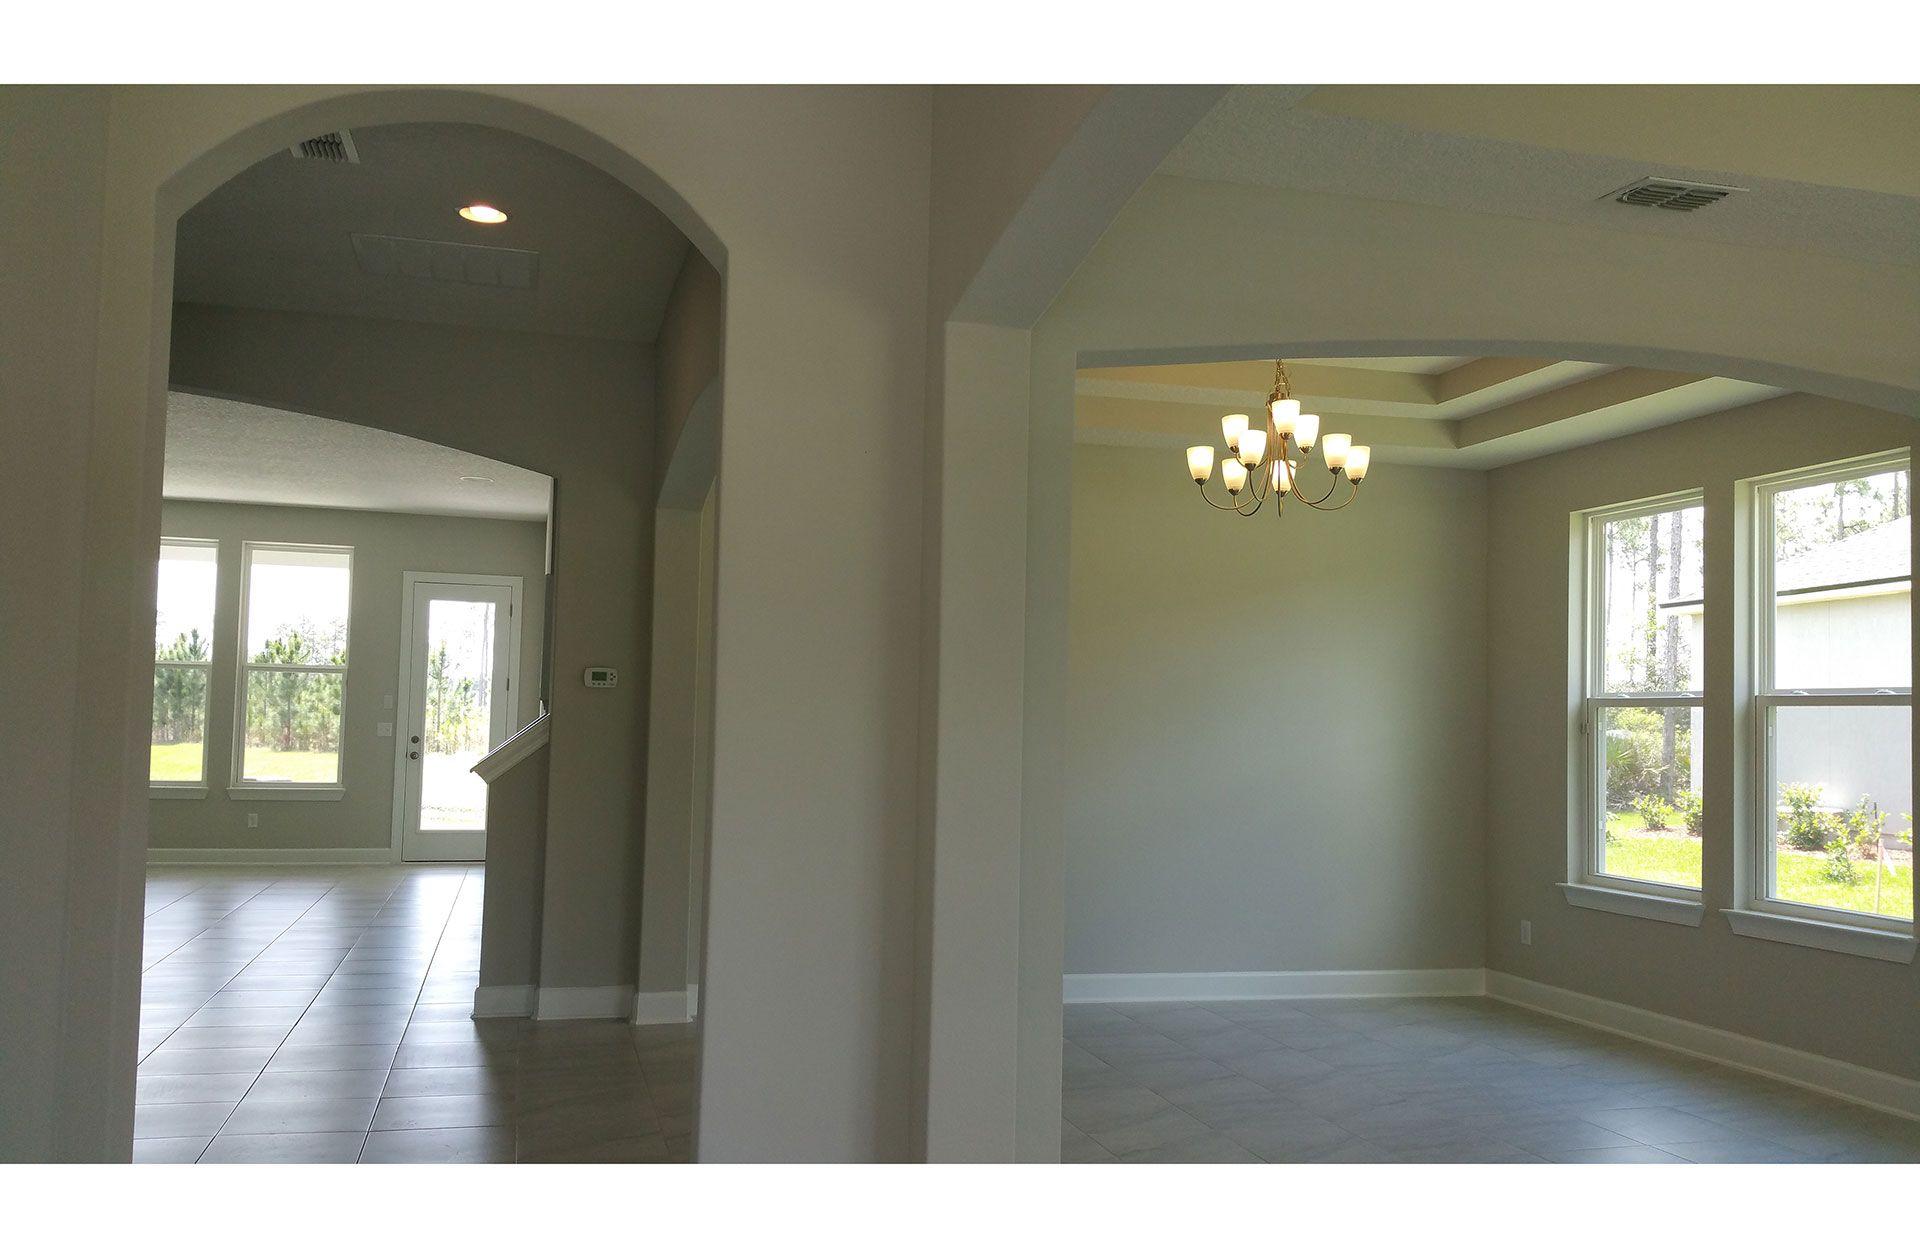 Photo of San Pablo in Middleburg, FL 32068